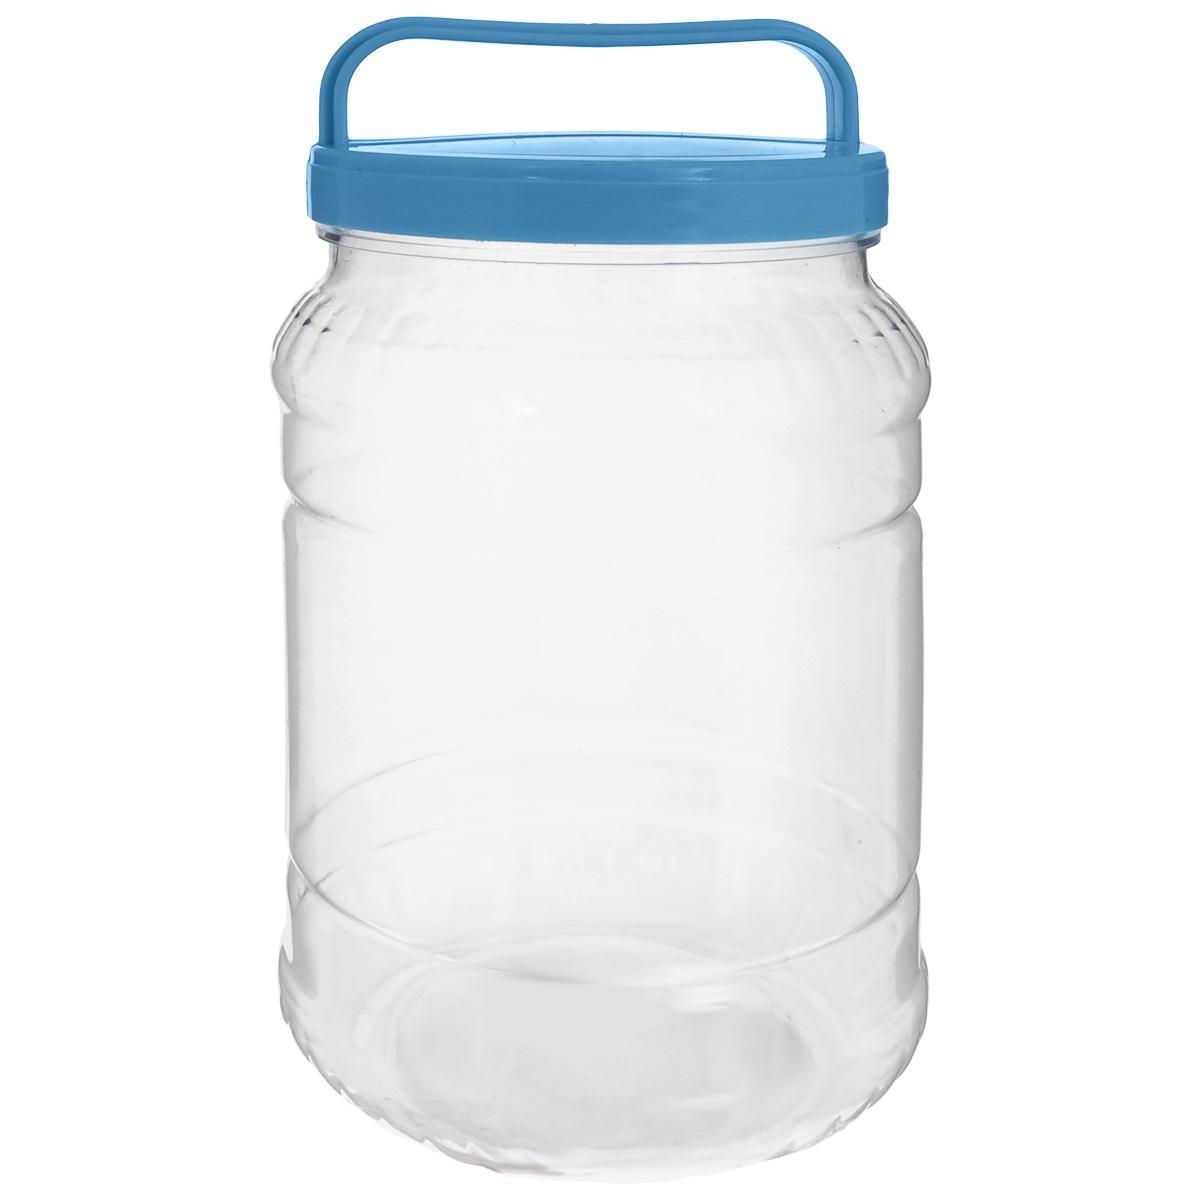 Бидон Альтернатива, цвет: прозрачный, голубой, 2 лМ461_голубойБидон Альтернатива предназначен для хранения и переноски пищевых продуктов, таких как молоко, вода и прочее. Выполнен из пищевого высококачественного пластика. Оснащен ручкой для удобной переноски.Бидон Альтернатива станет незаменимым аксессуаром на вашей кухне.Высота бидона (без учета крышки): 20,5 см.Диаметр: 10,5 см.